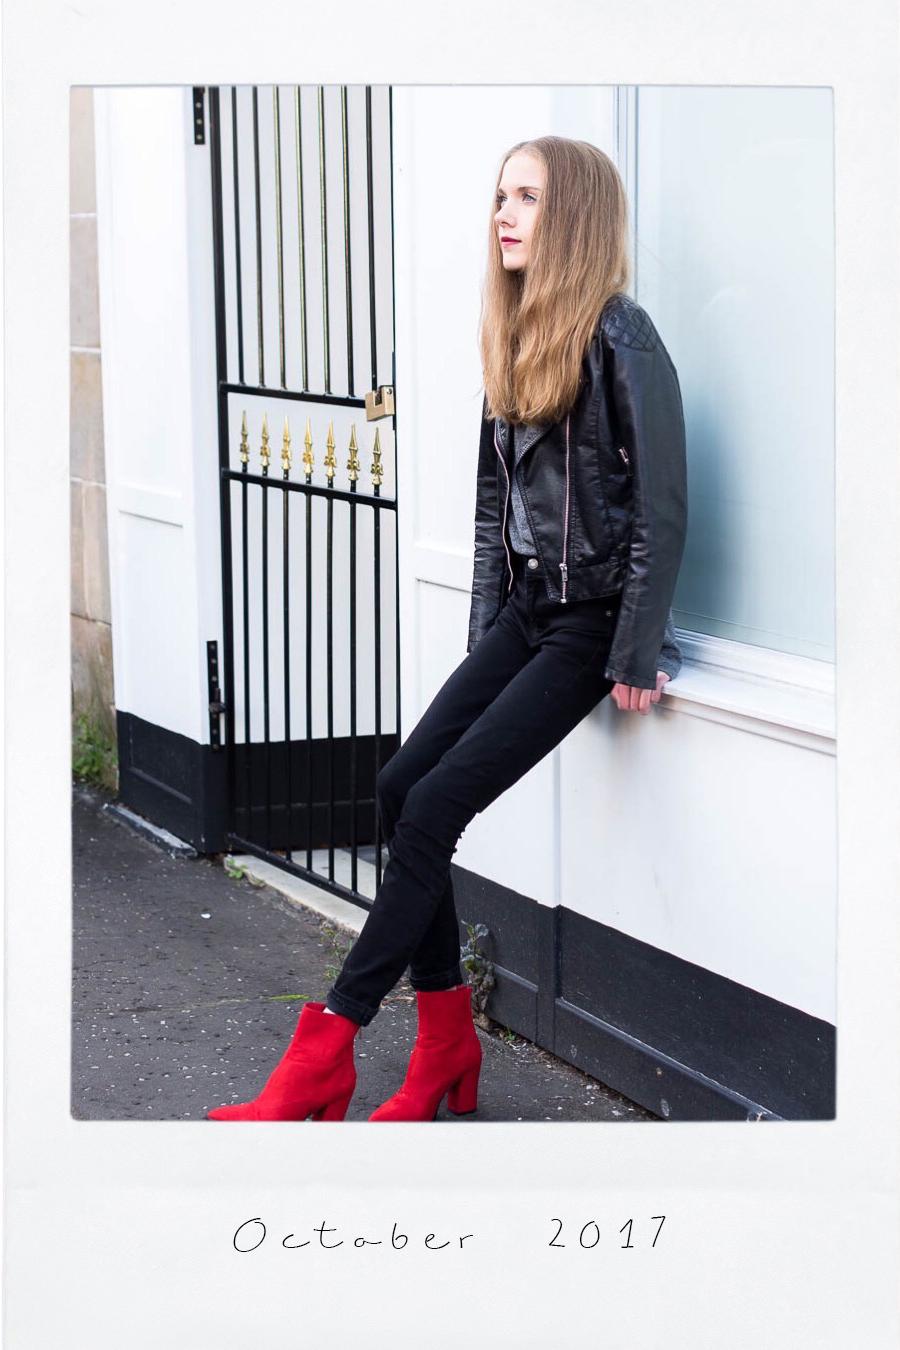 Fashion blogger autumn outfit archives - Muotibloggaaja syysasujen arkistokuvia